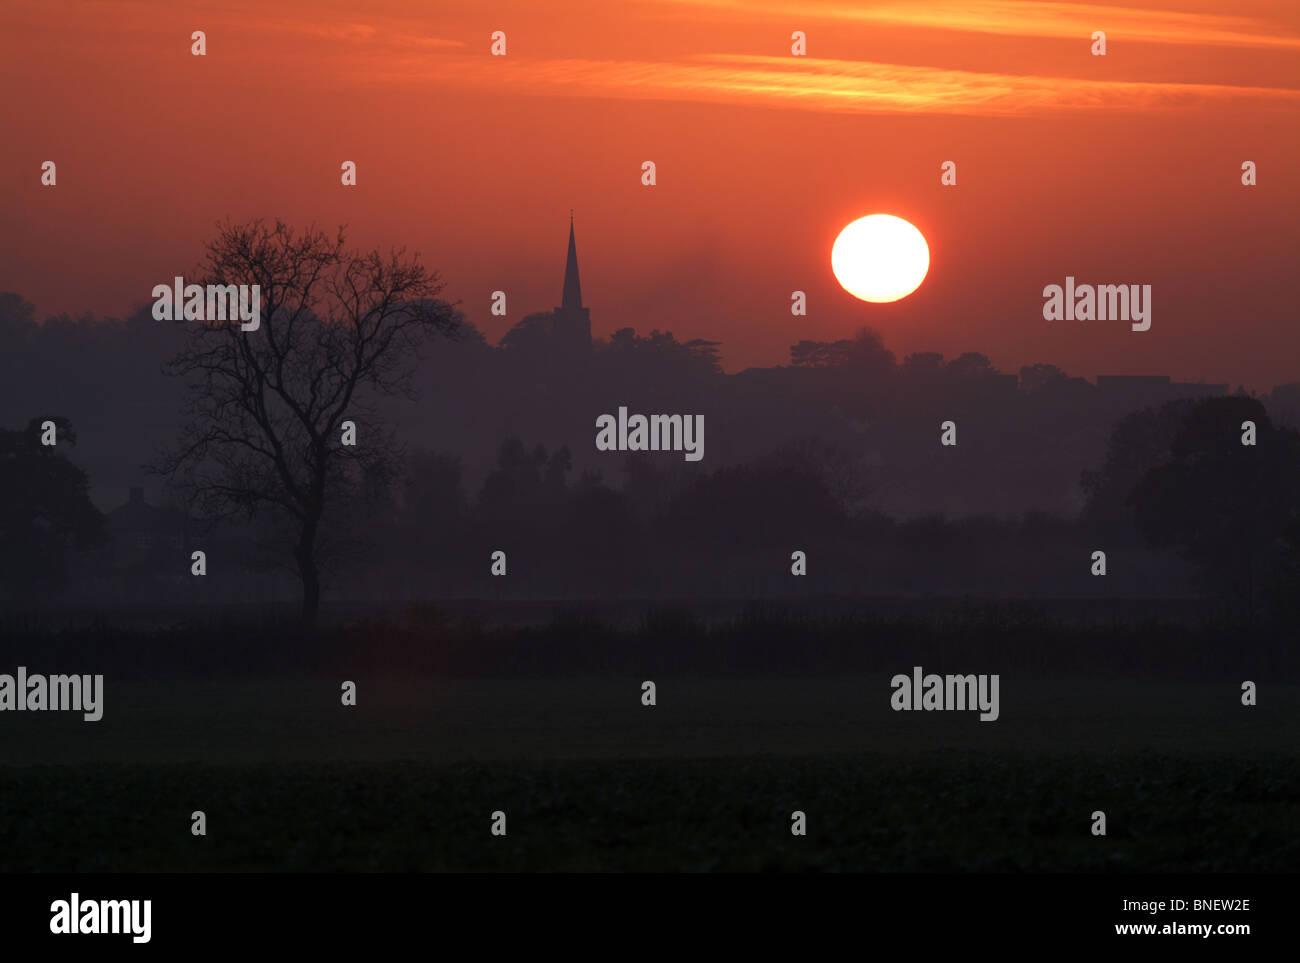 Sunset Over Aston Flamville Village